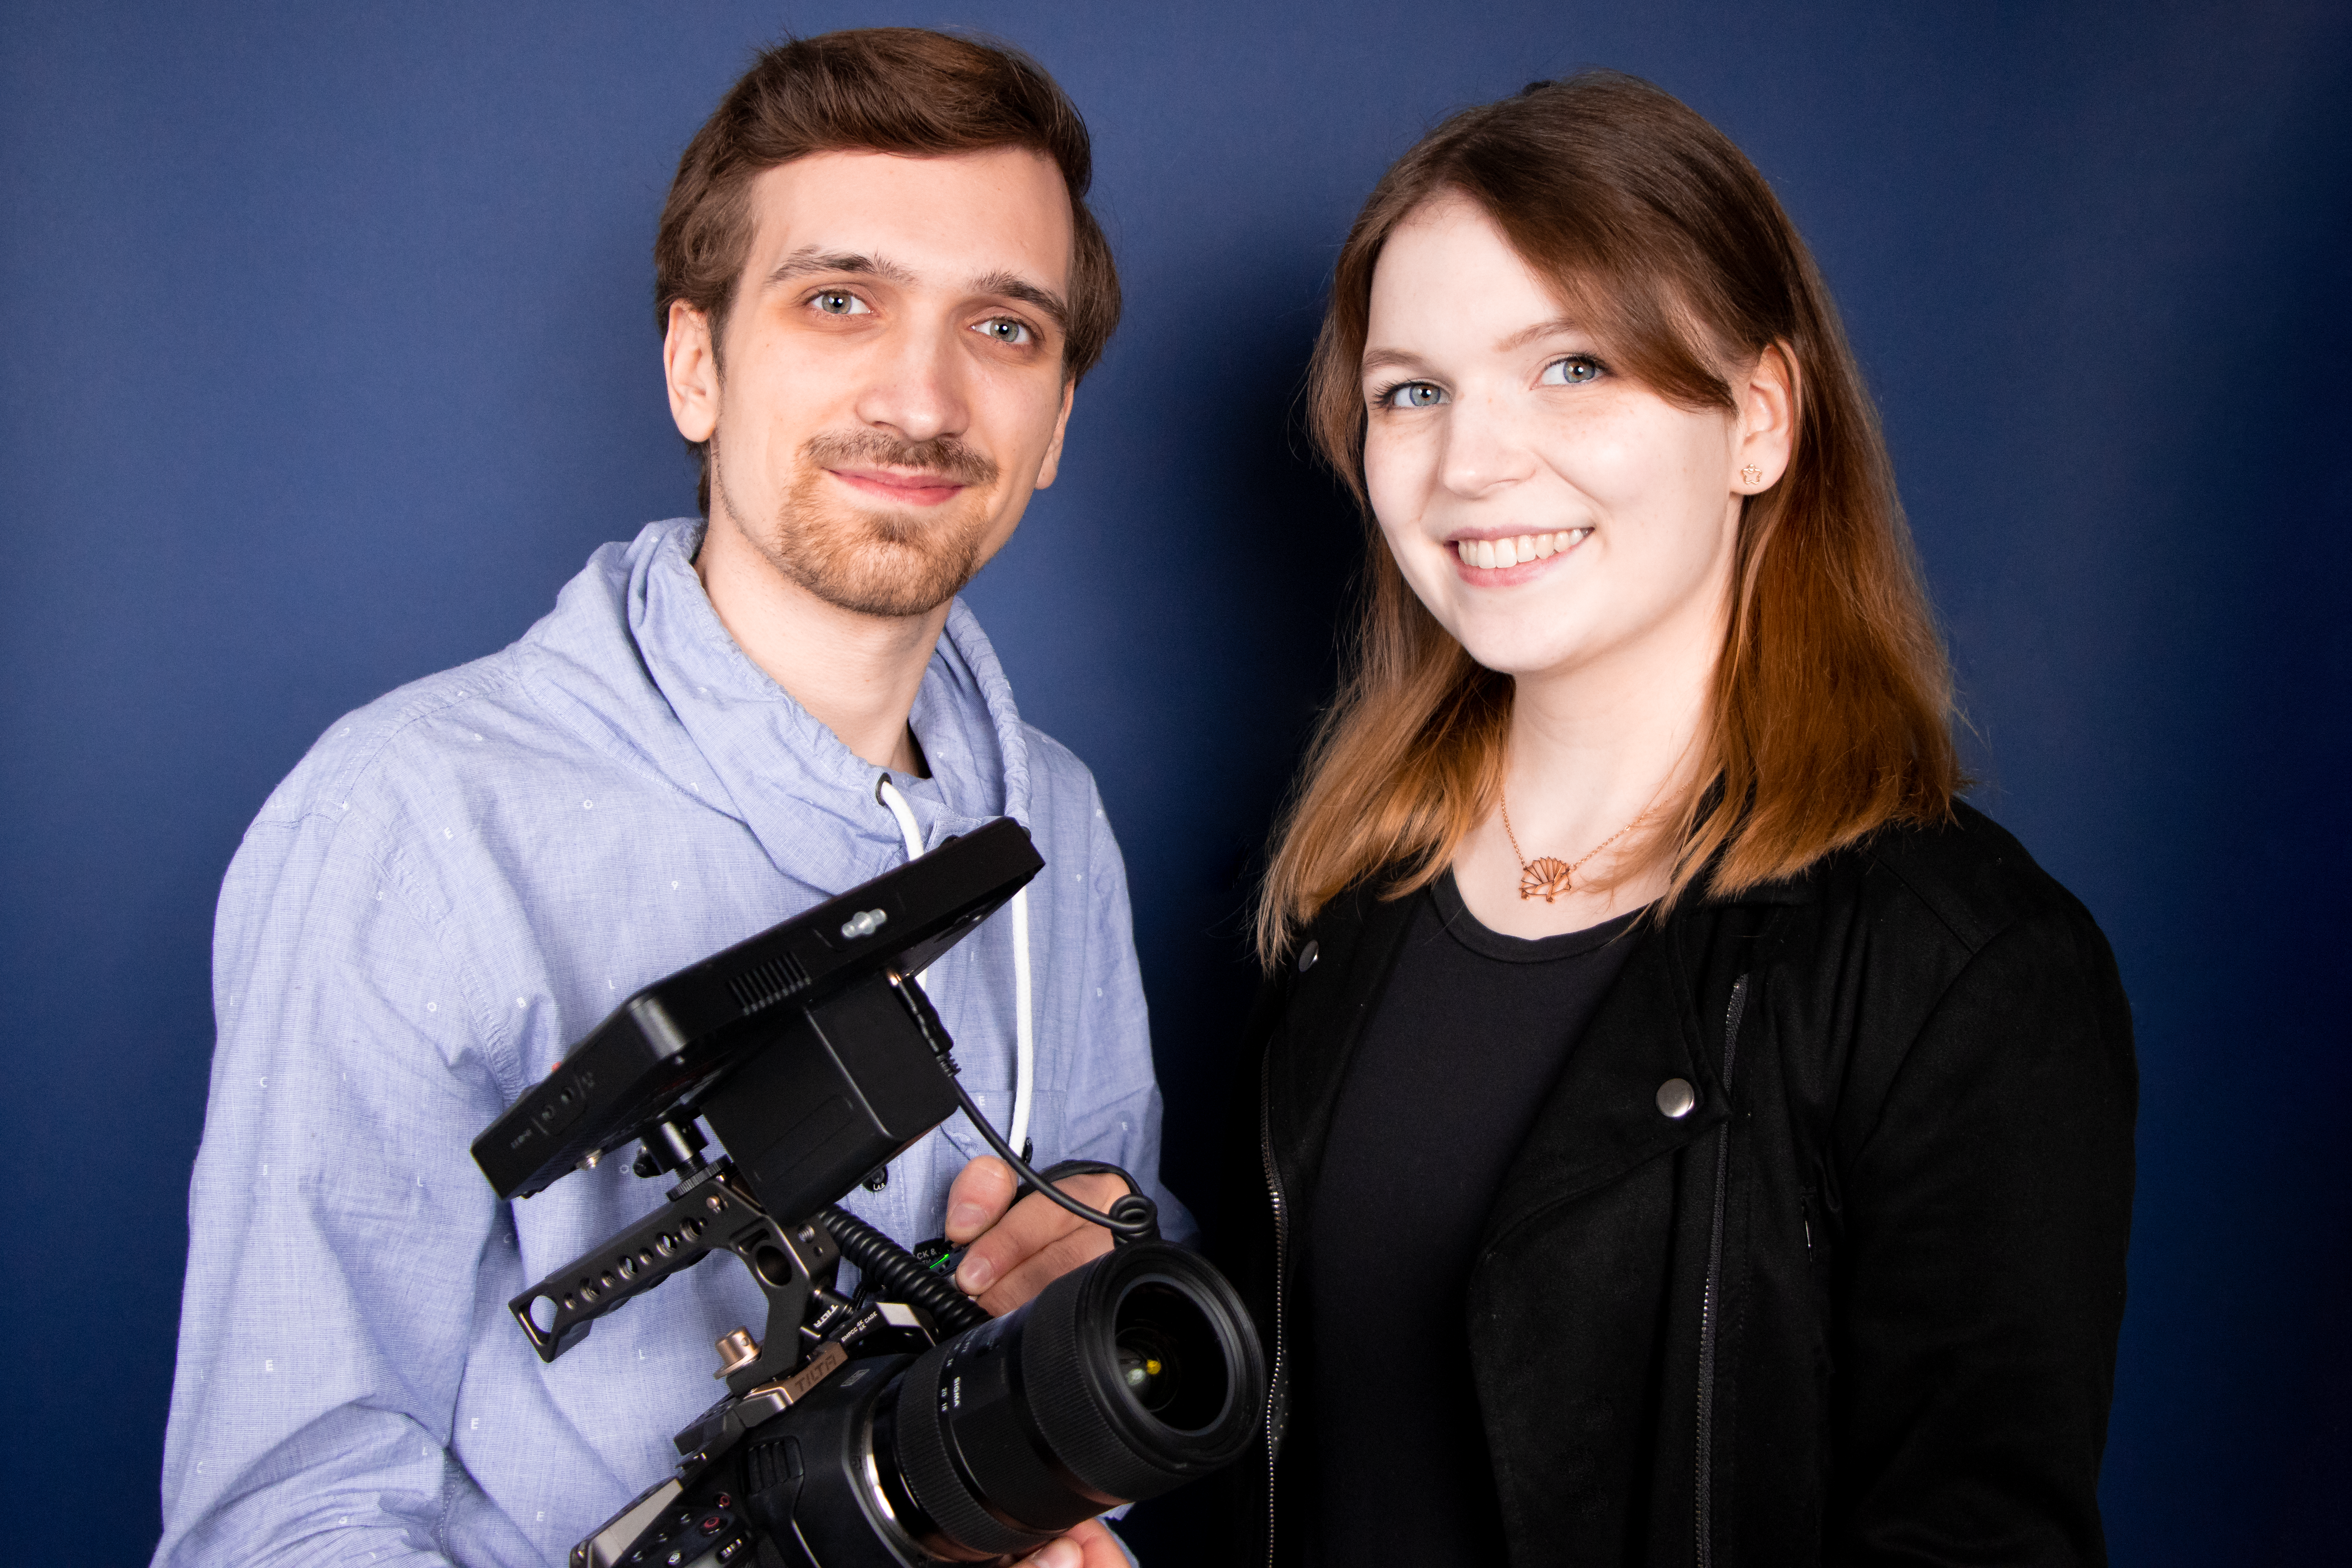 Jungunternehmer Sarah Wieck und Niklas Michalik Foto: © FilmOrbit